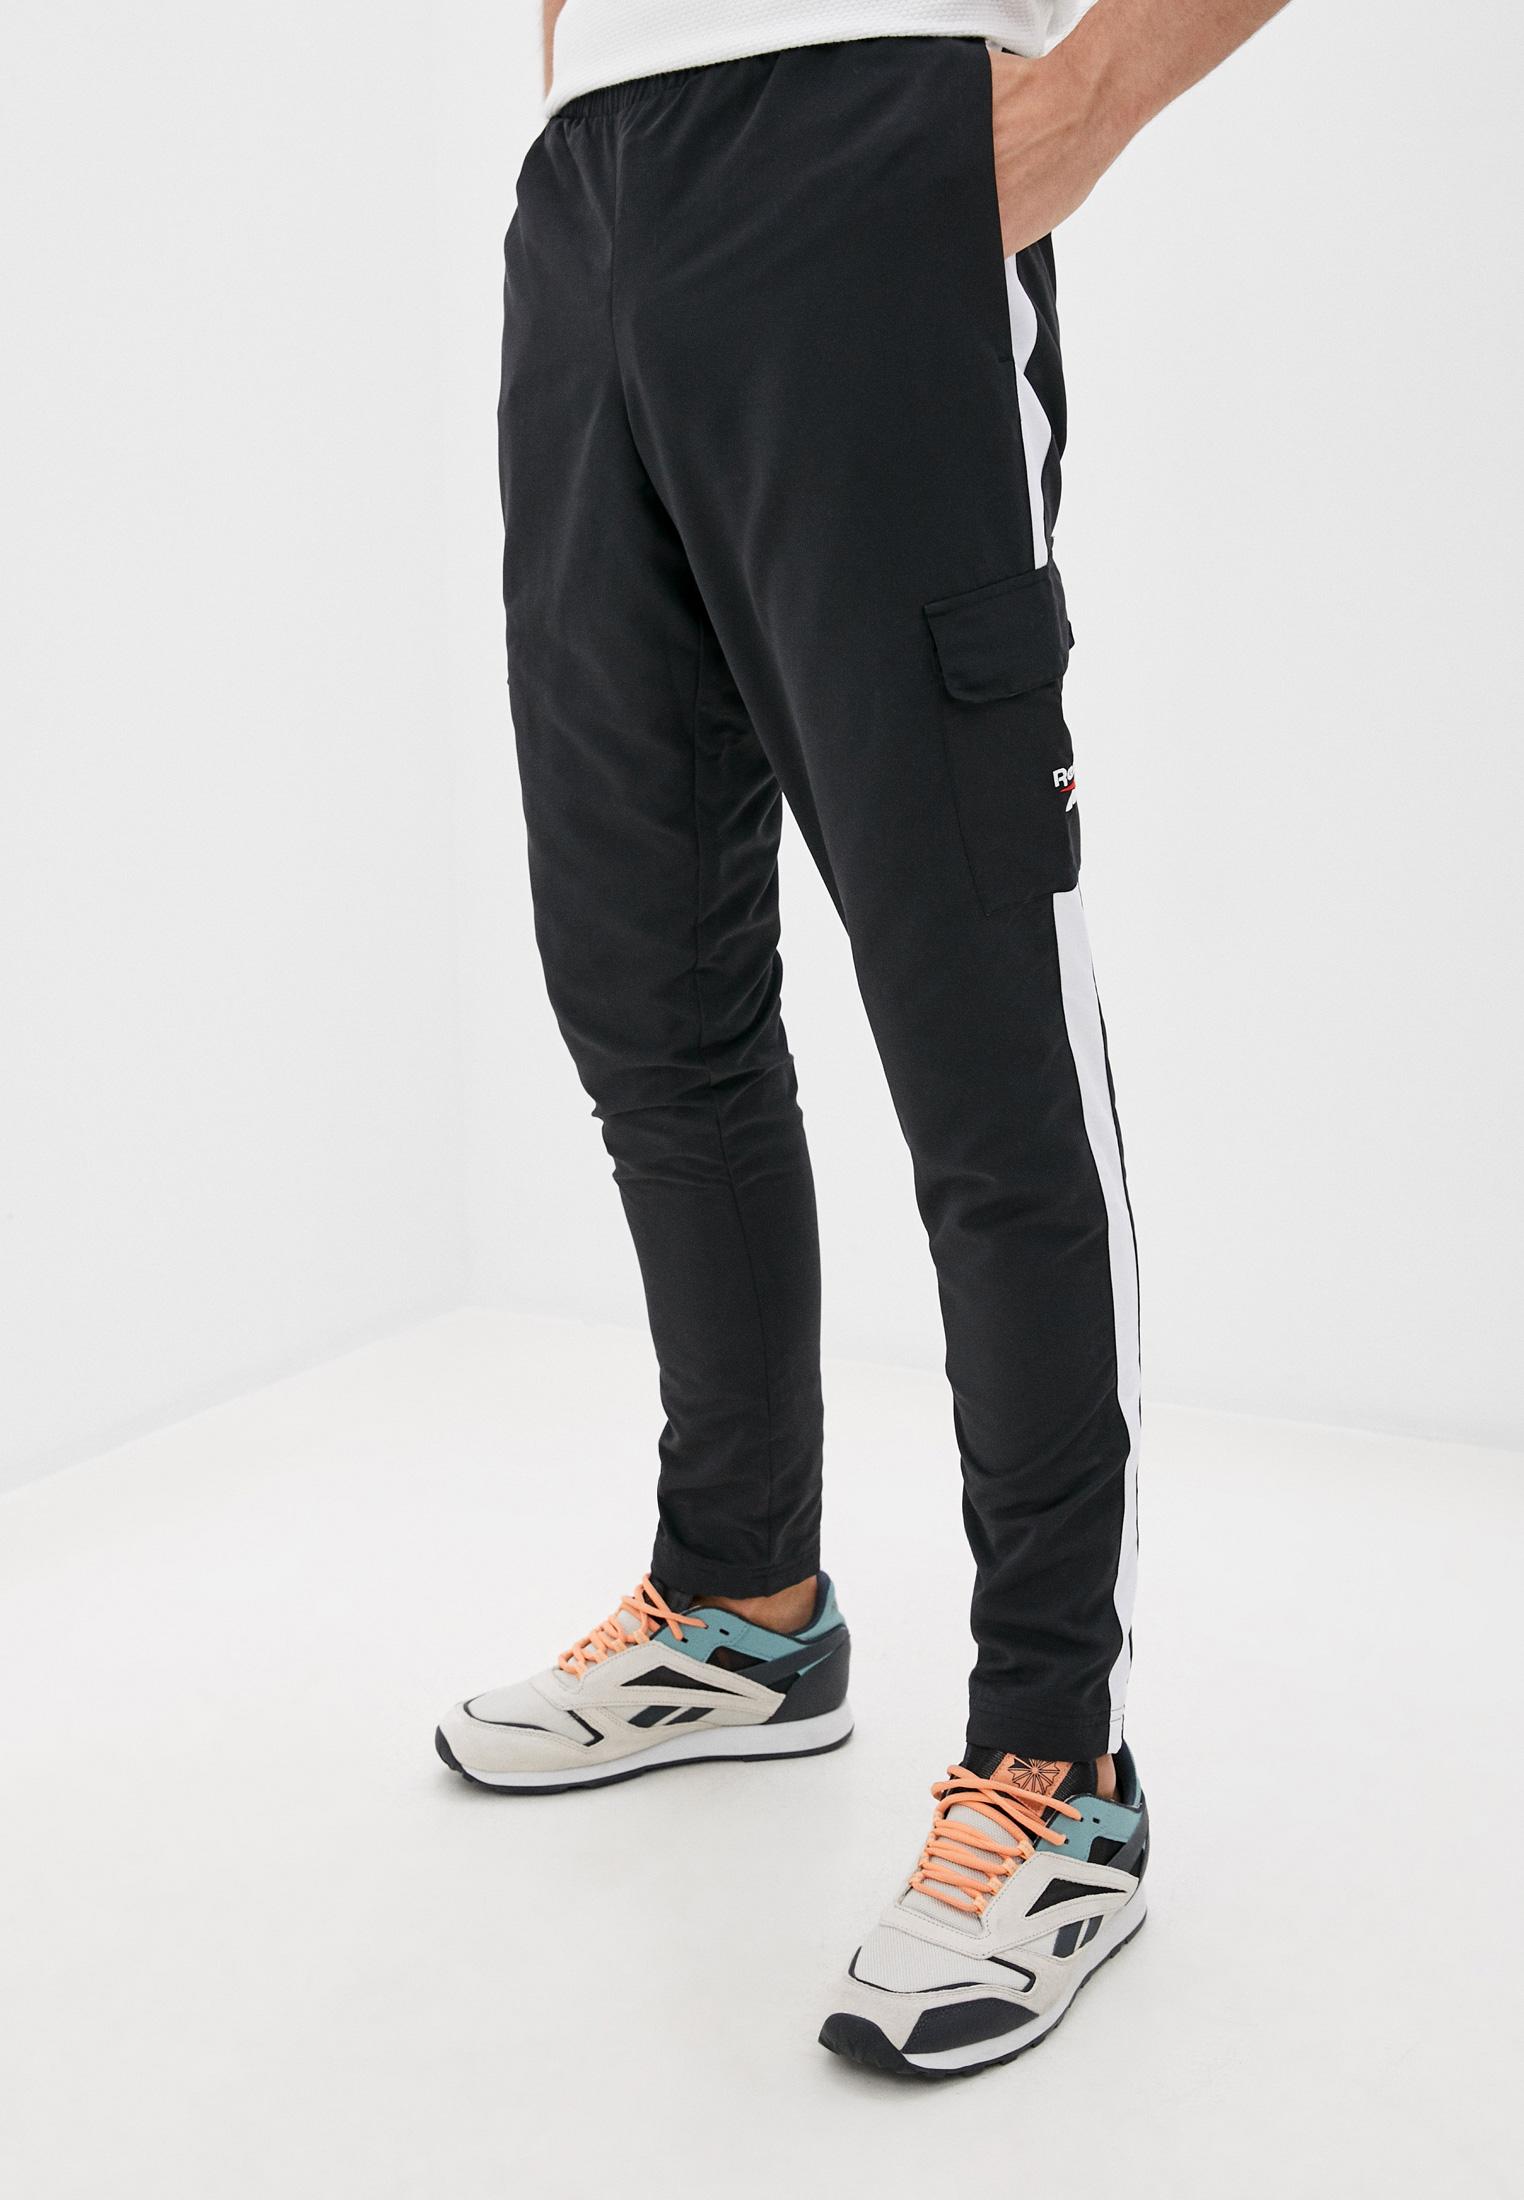 Мужские спортивные брюки Reebok Classic FT7277